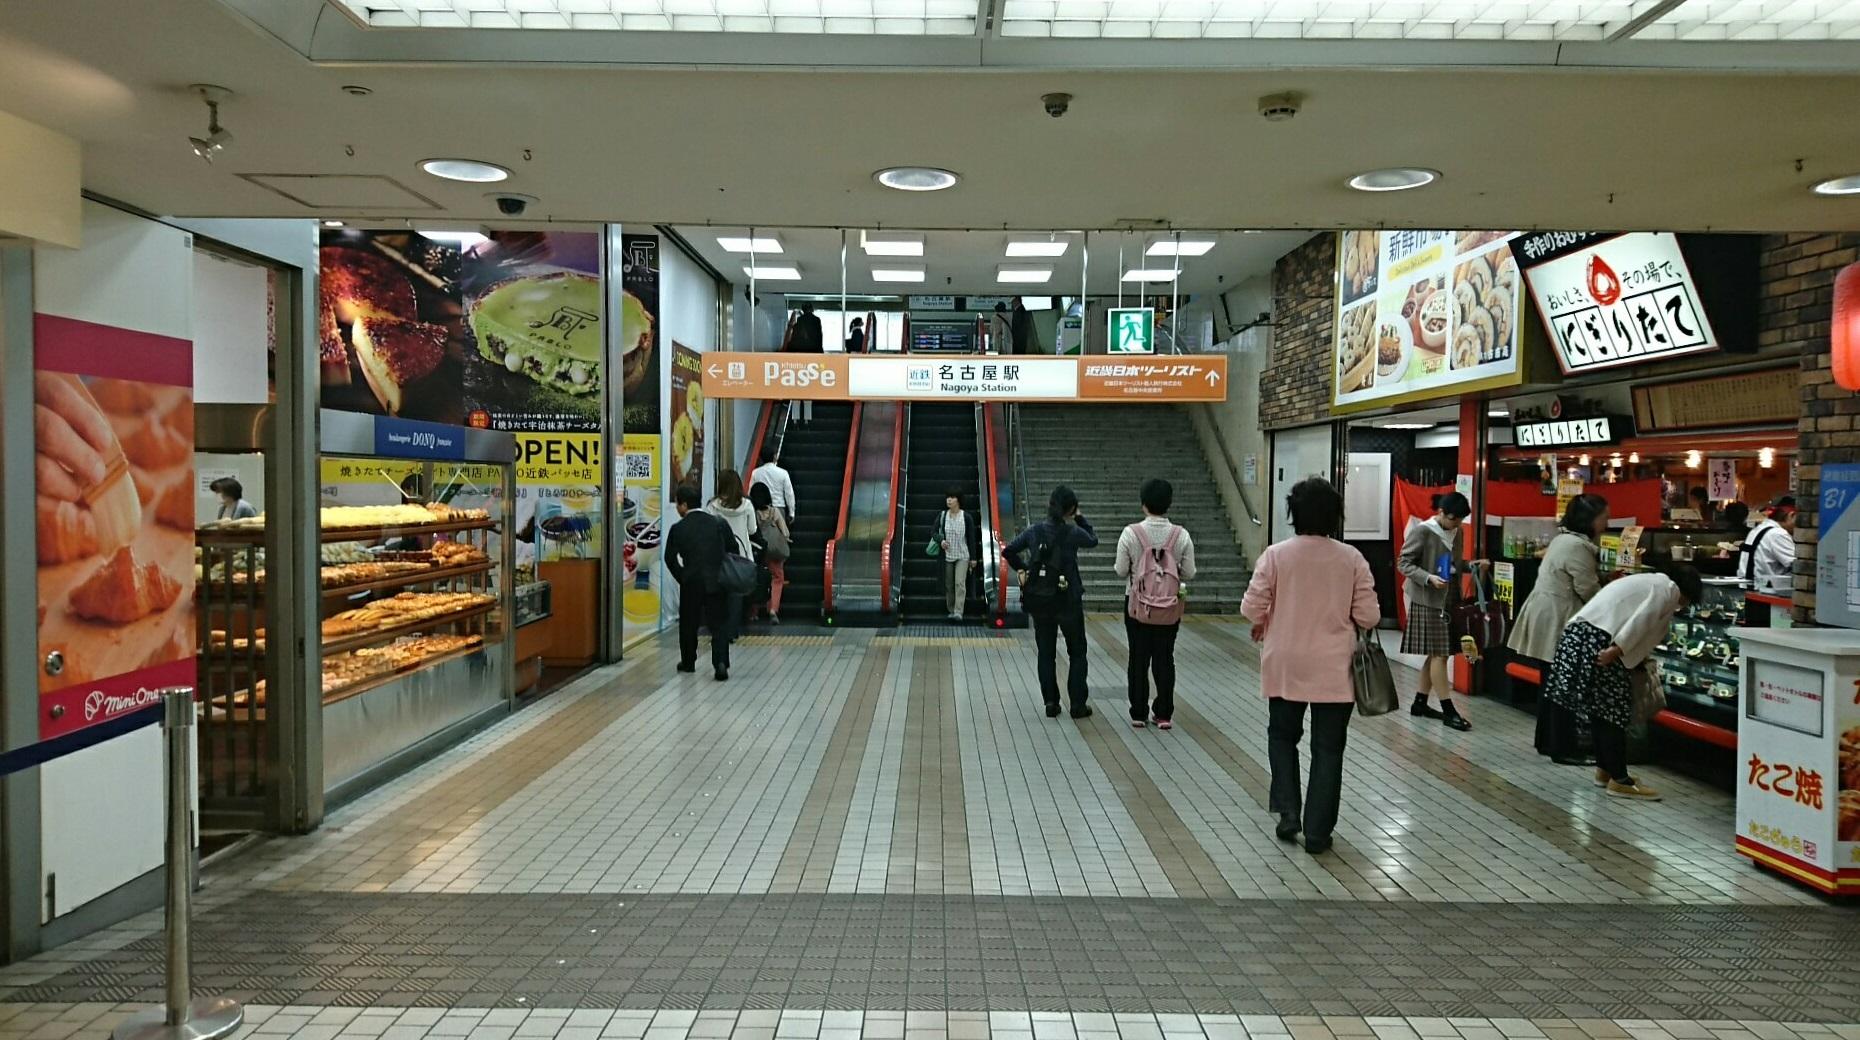 2017.4.25 近鉄 (1) 名古屋 - 正面かいさつぐちにあがる階段 1860-1040